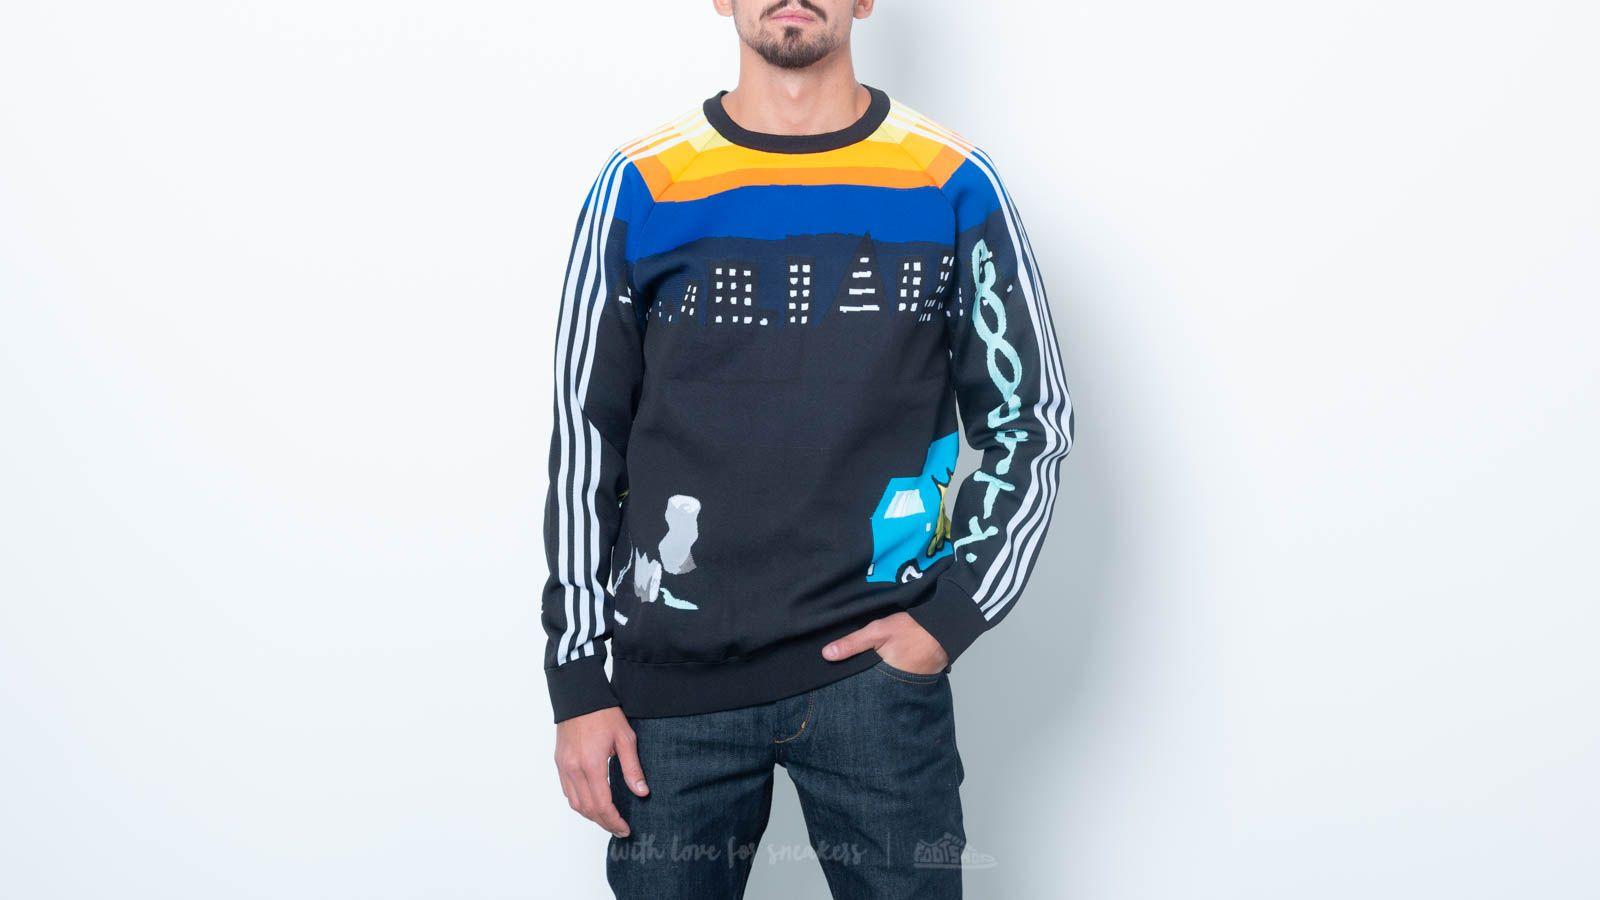 adidas x United Arrows & Sons Knit Tops Crewneck Black za skvělou cenu 6 790 Kč koupíte na Footshop.cz